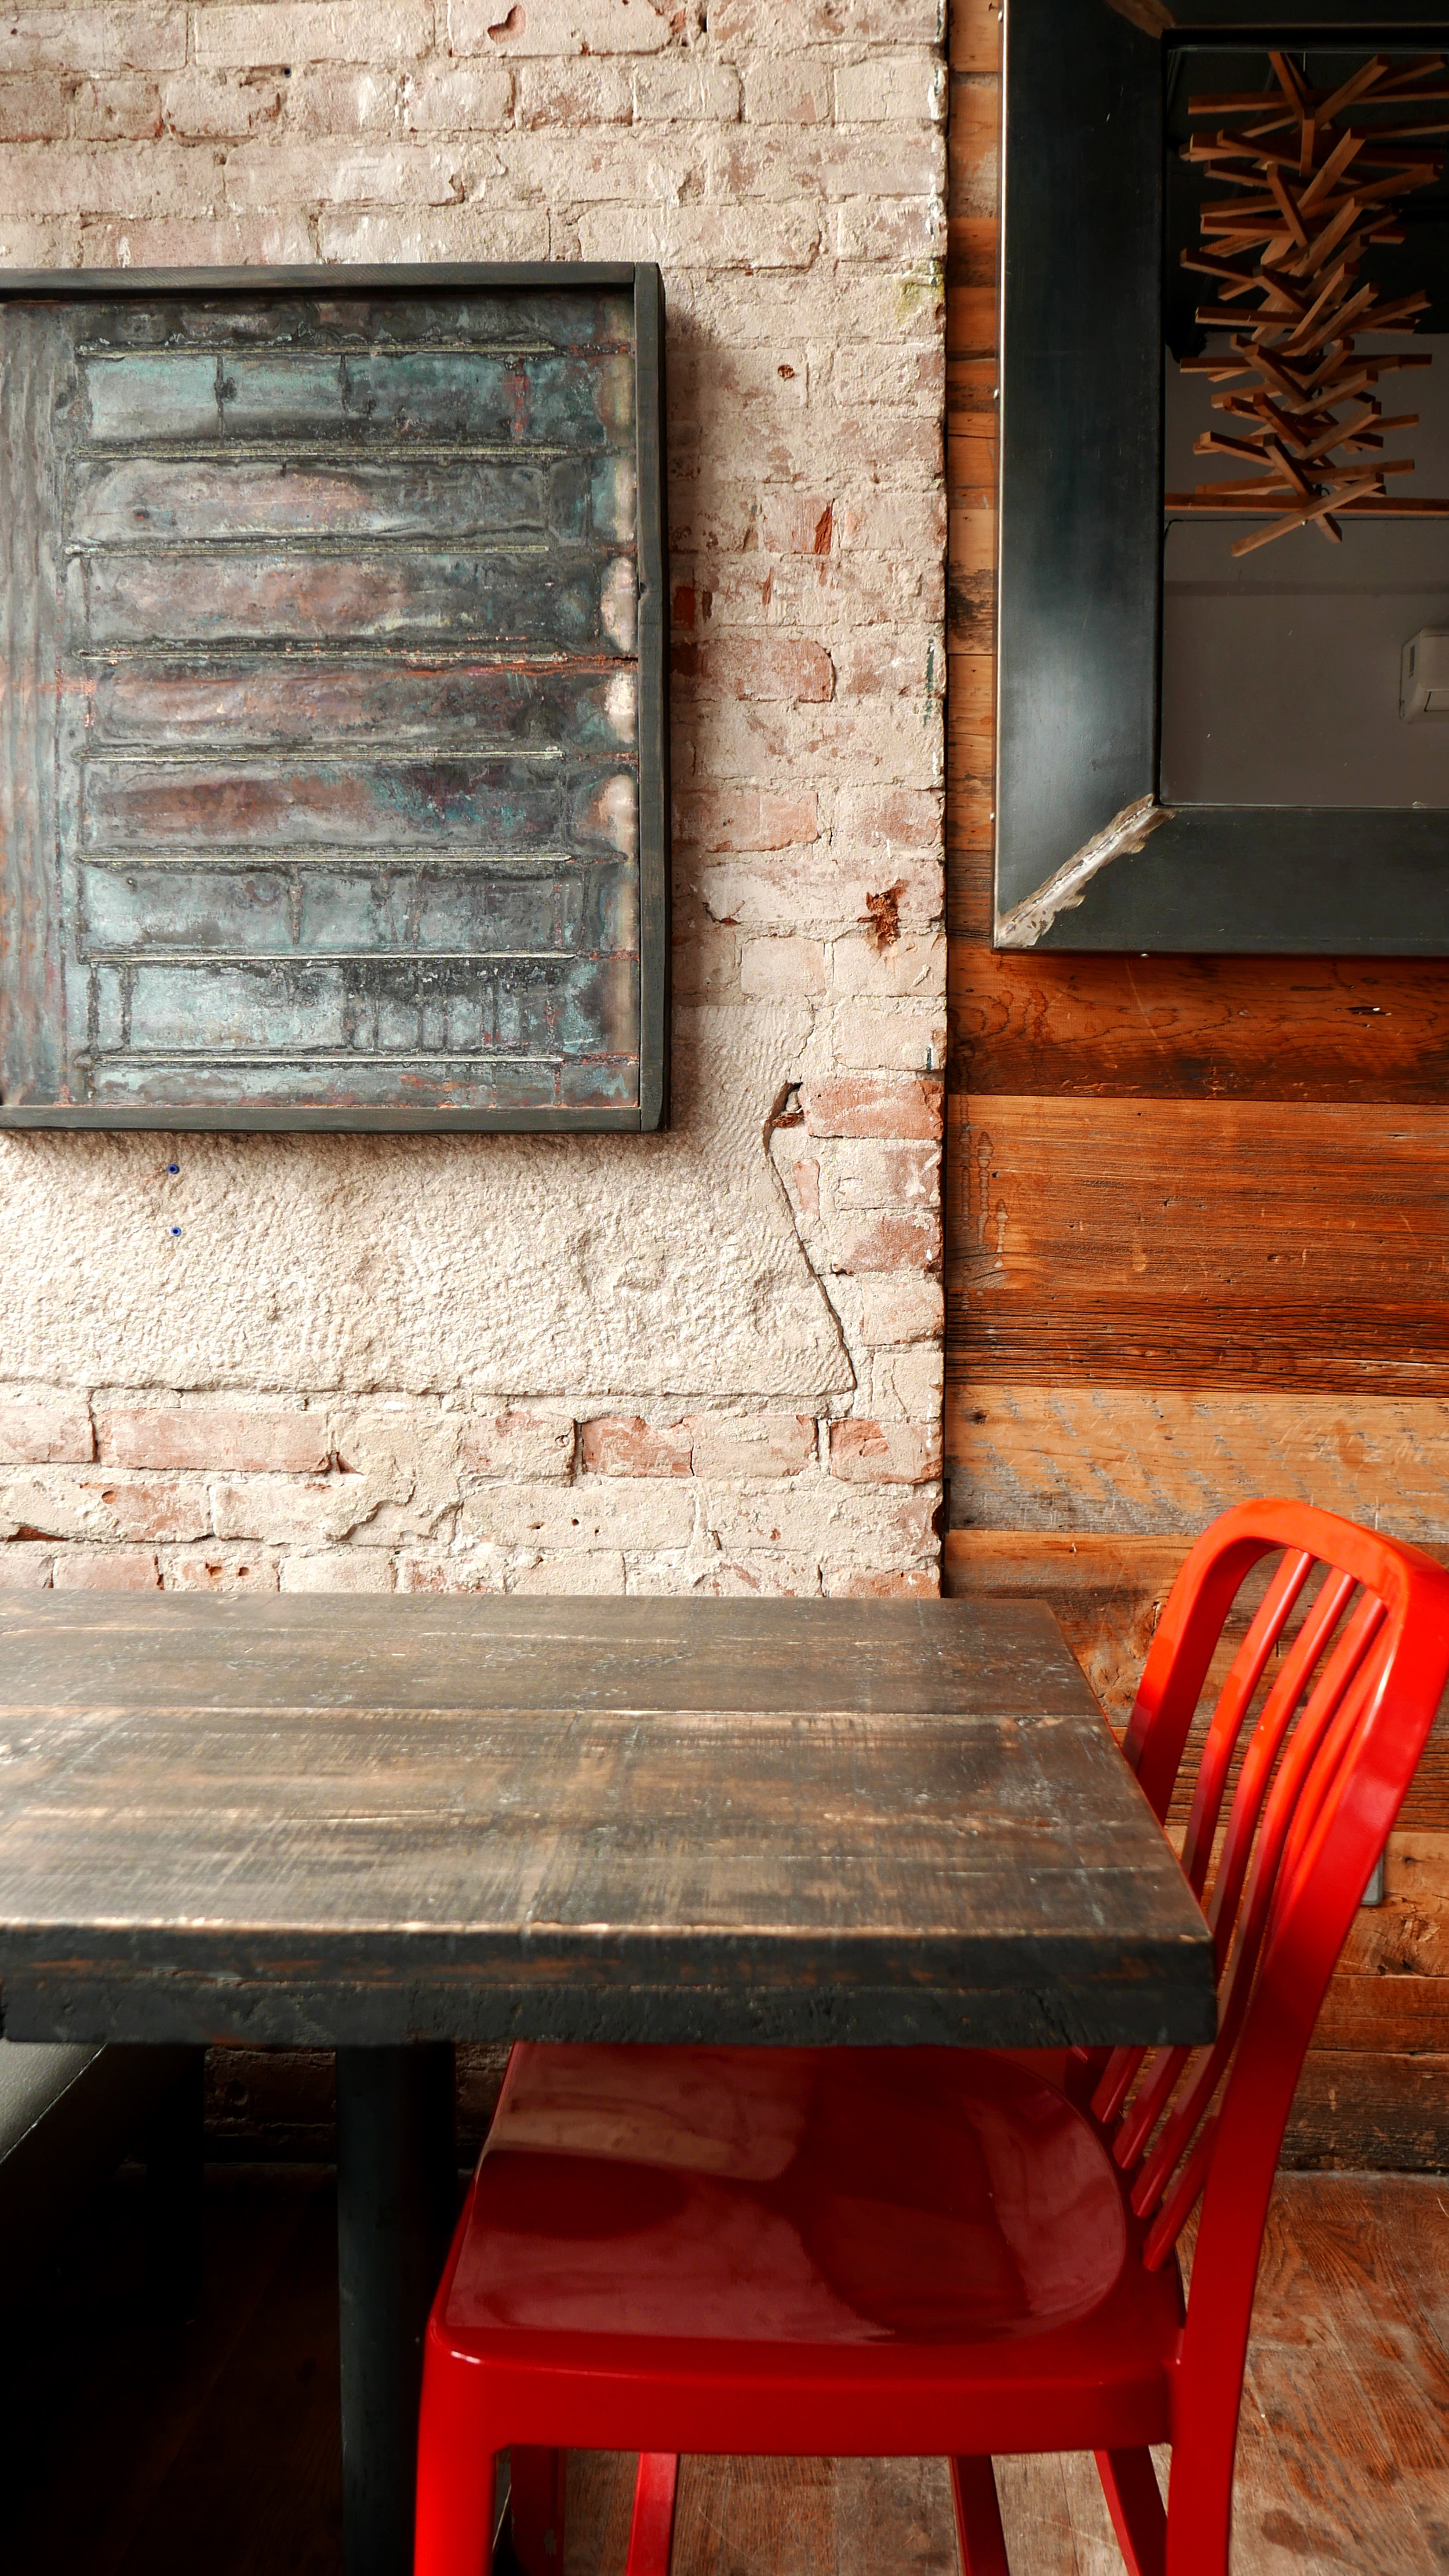 Table Chair Art Mirror.f.JPG